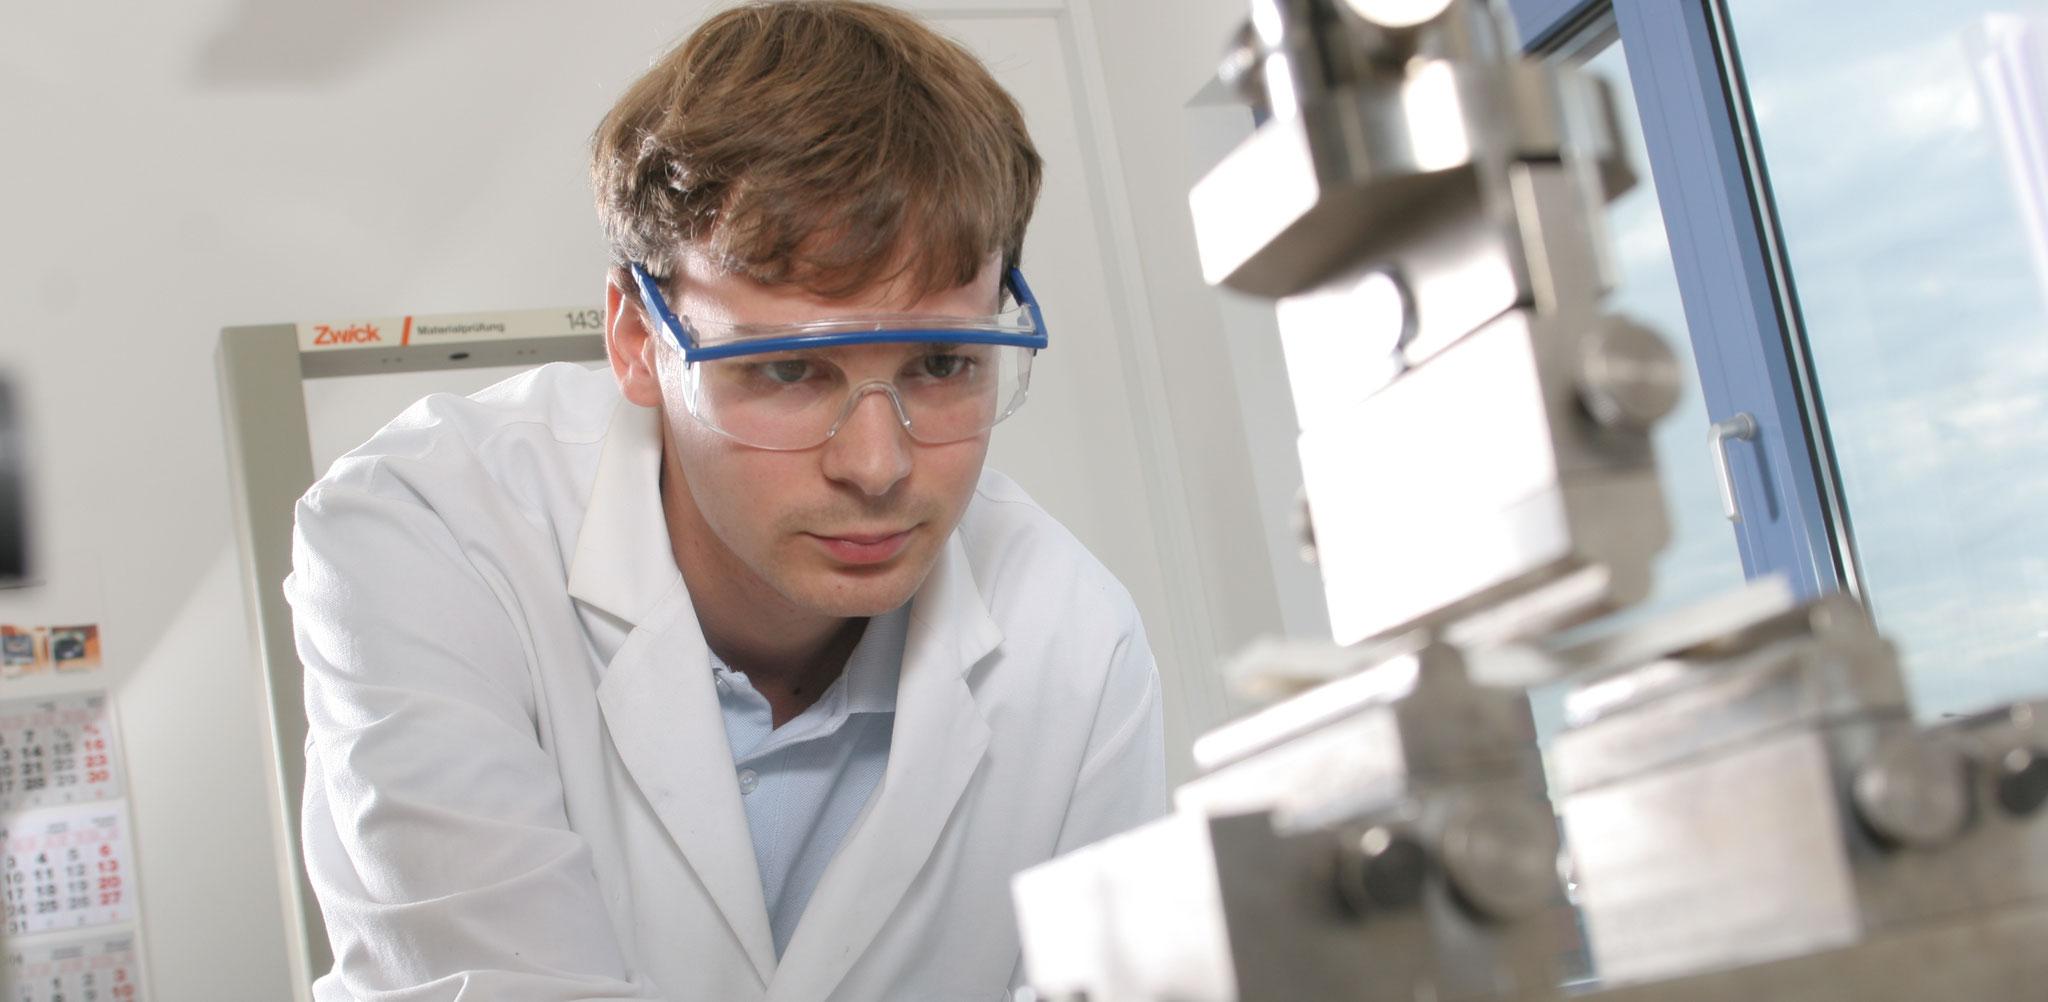 Wij zijn gespecialiseerd in testen van kunststofbuizen en producten voor rioolrenovatie.